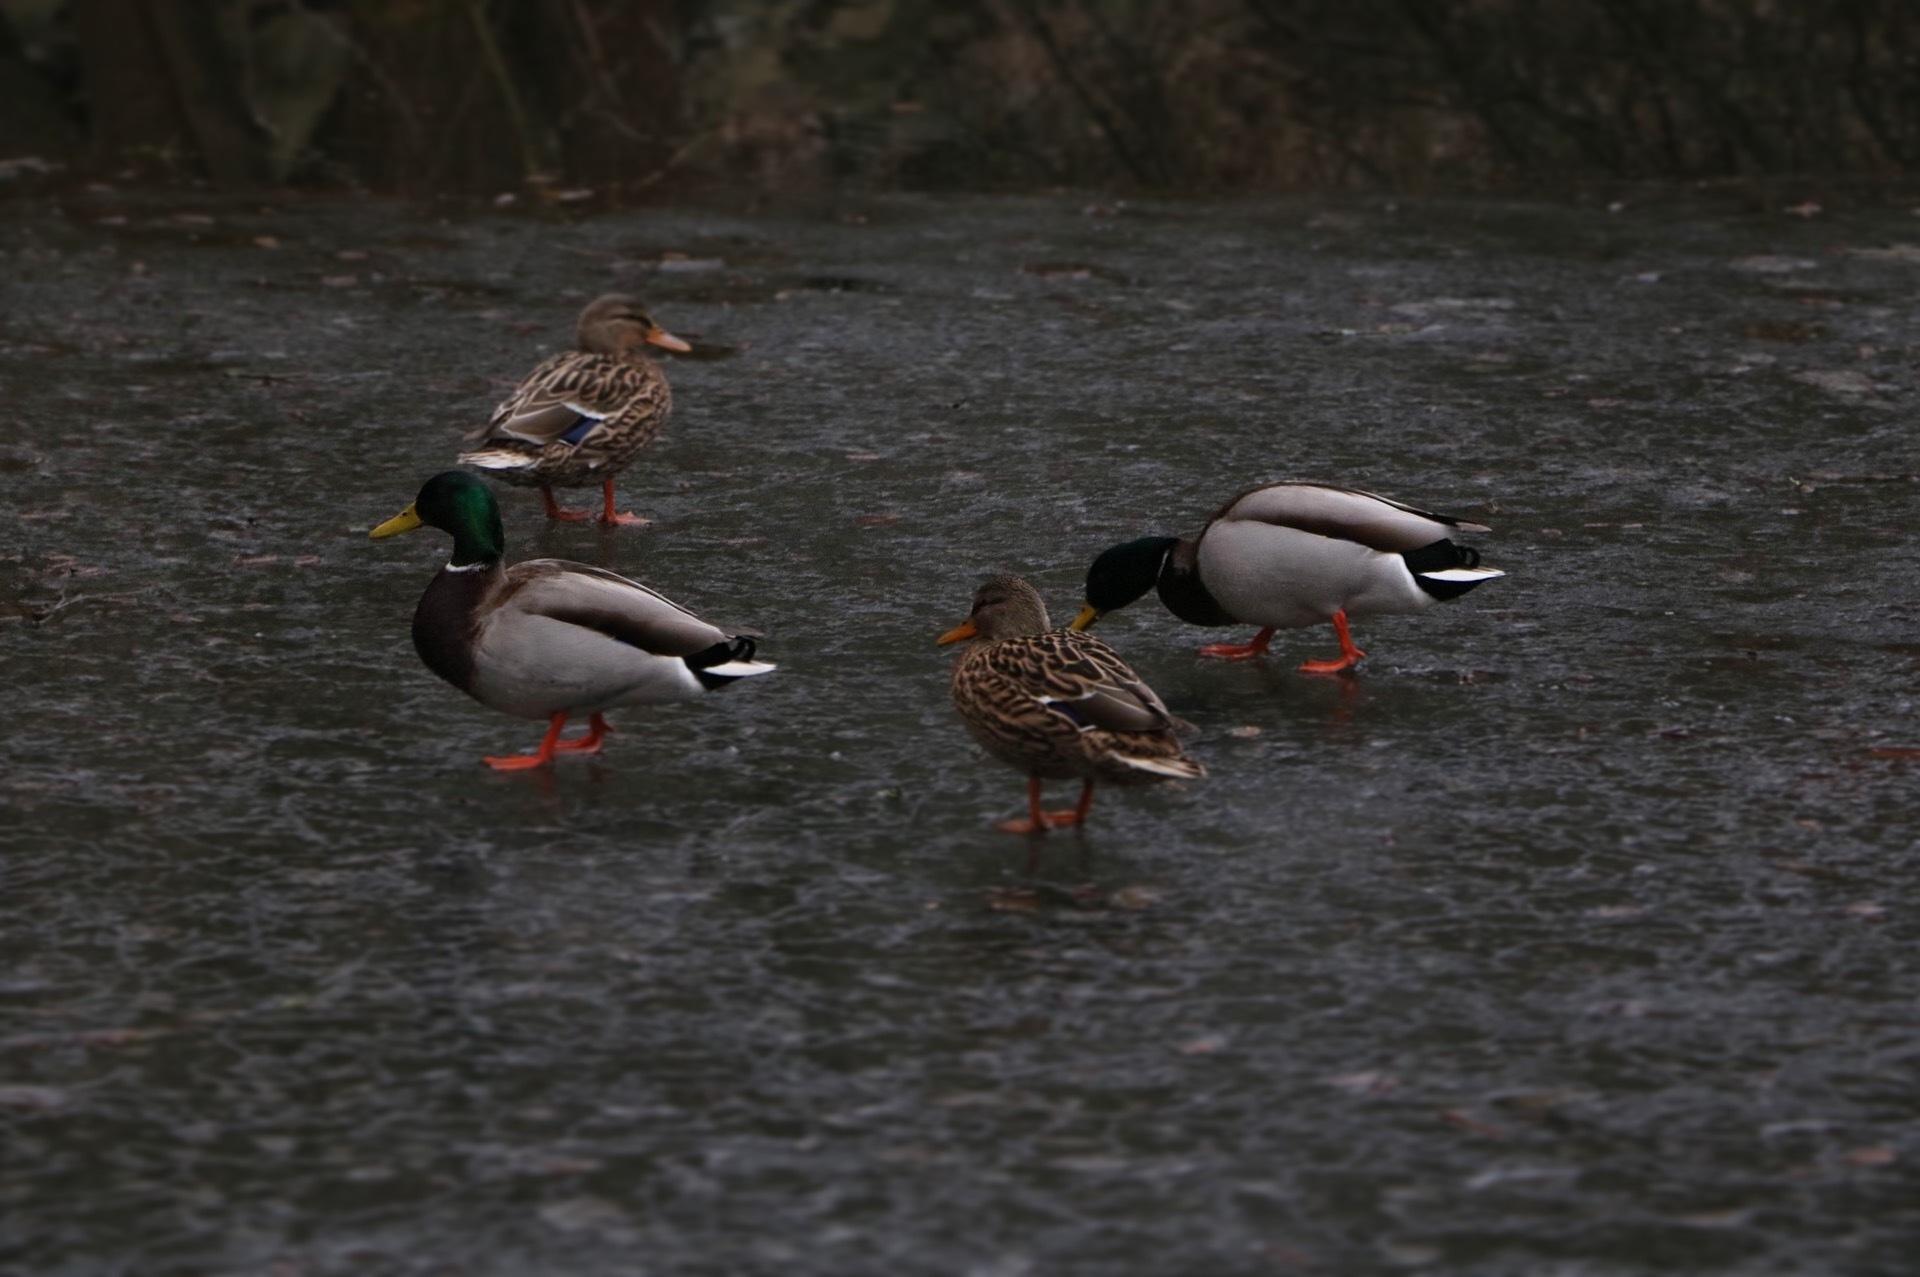 Ducks  by Milian ritz